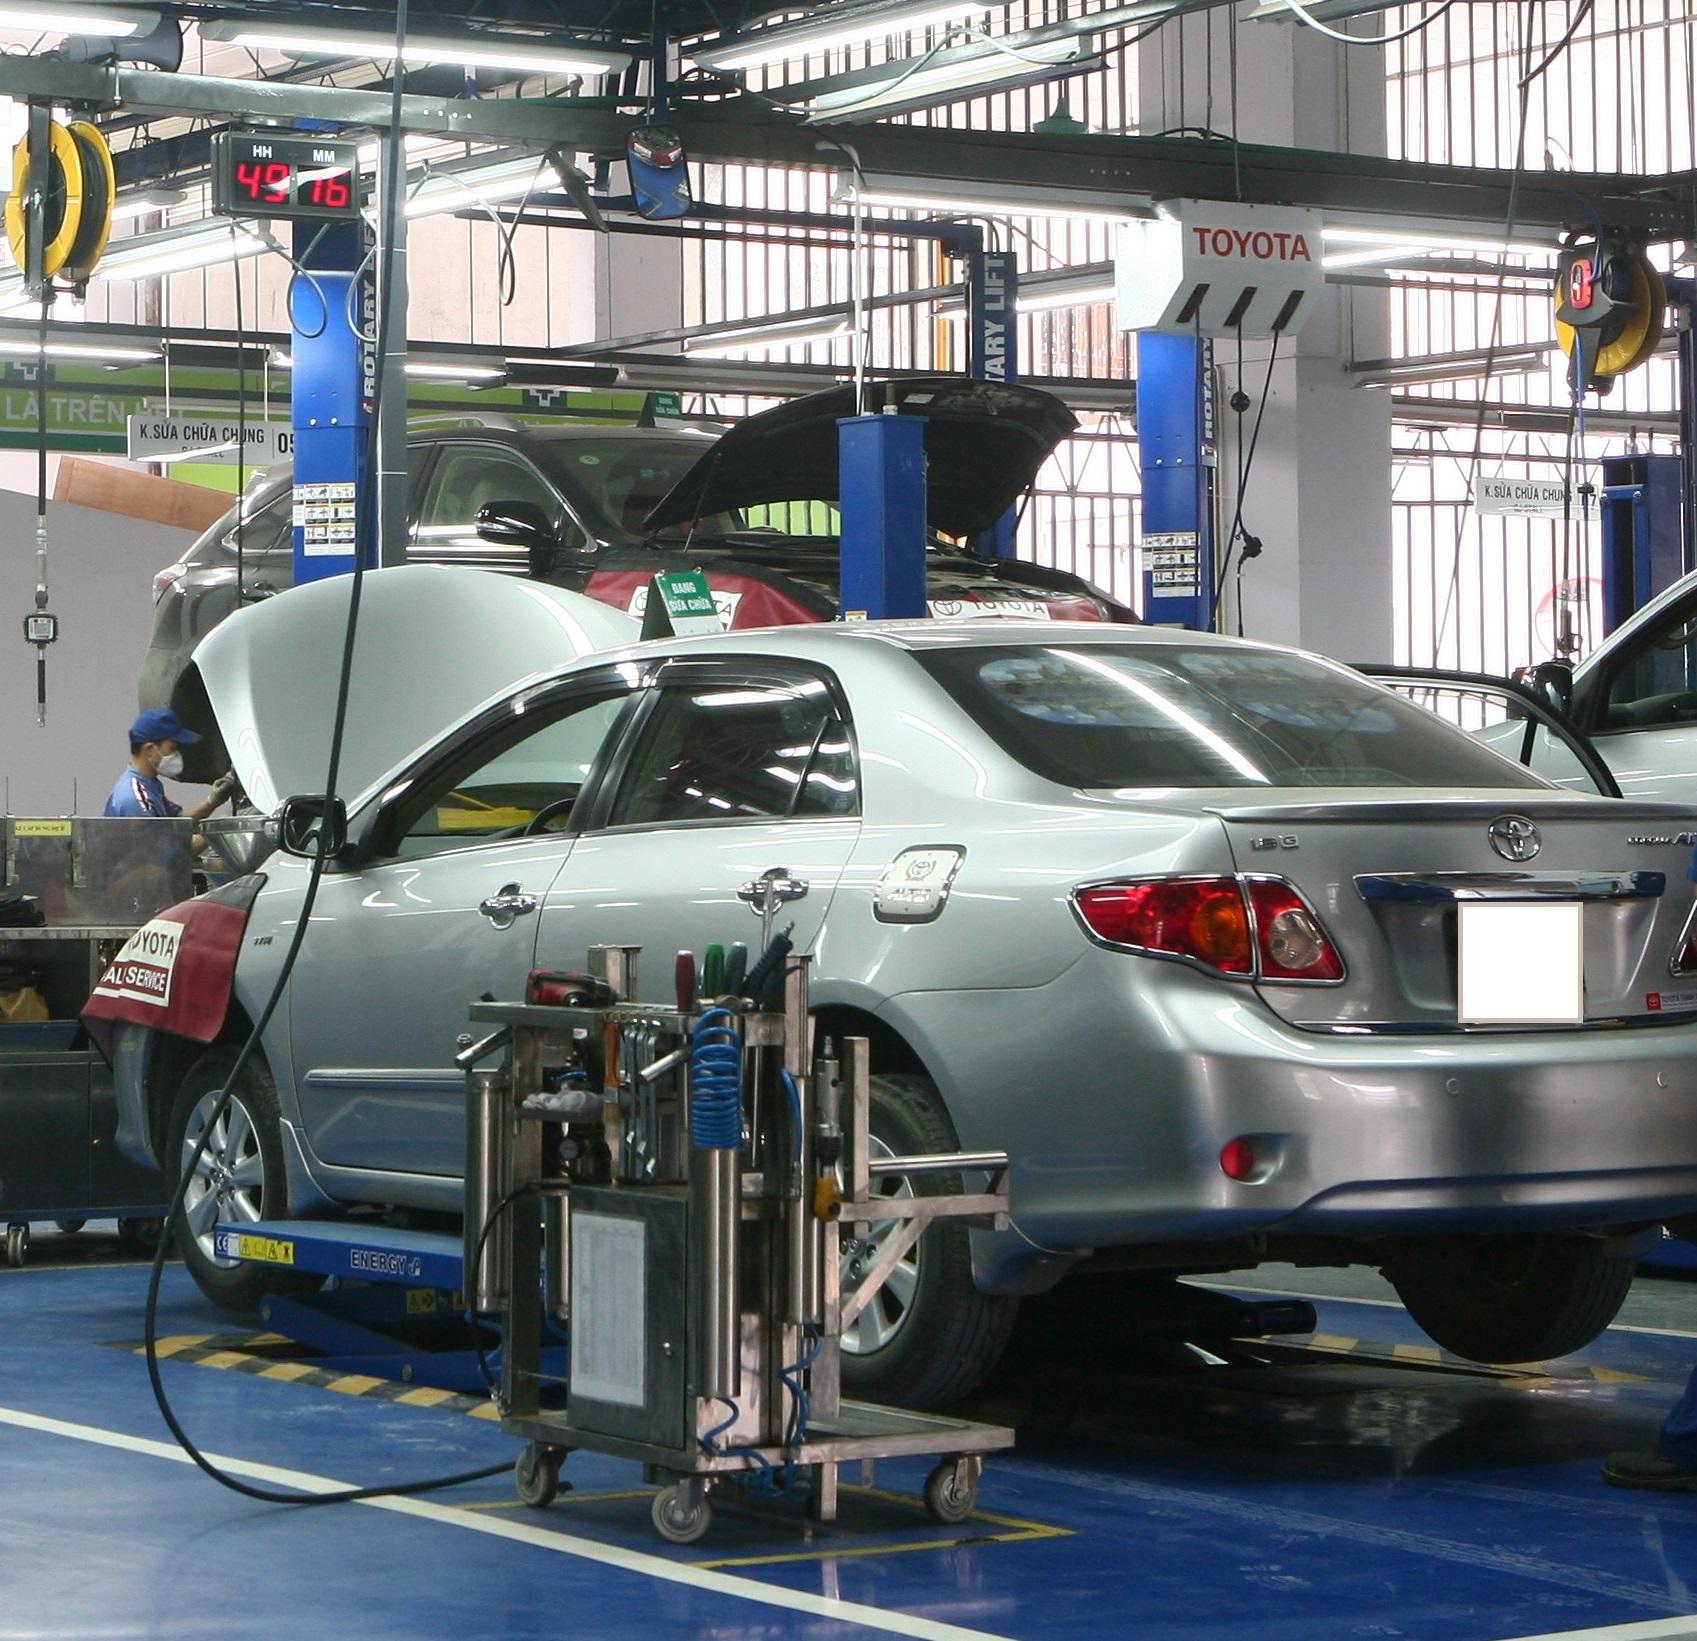 Xe dụng cụ Khoang Sửa chữa nhanh Toyota ( Khoang EM)